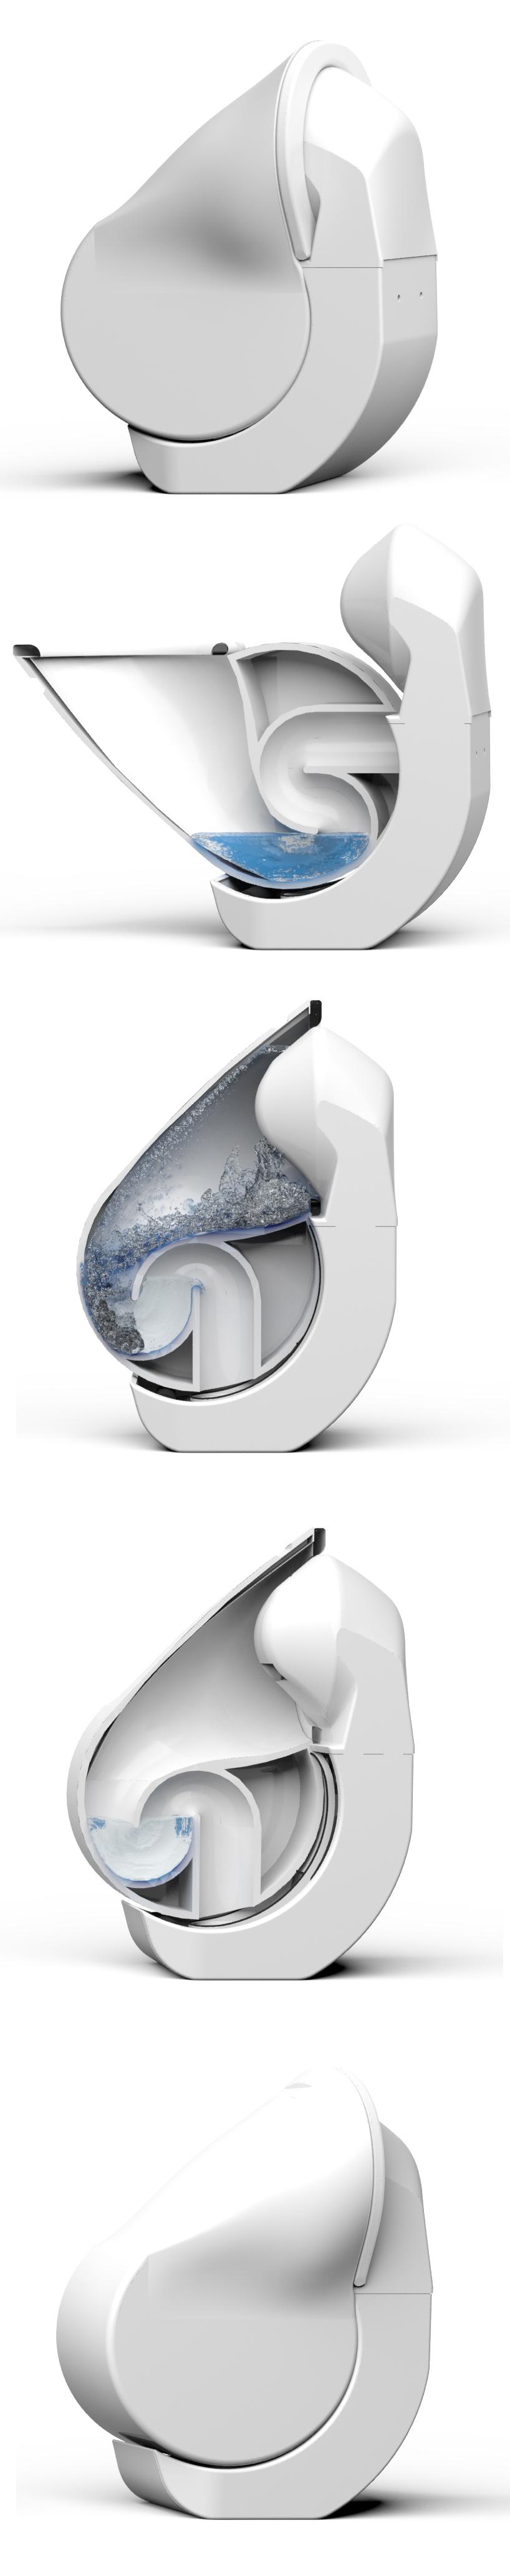 折叠马桶——可缩小尺寸并减少耗水量